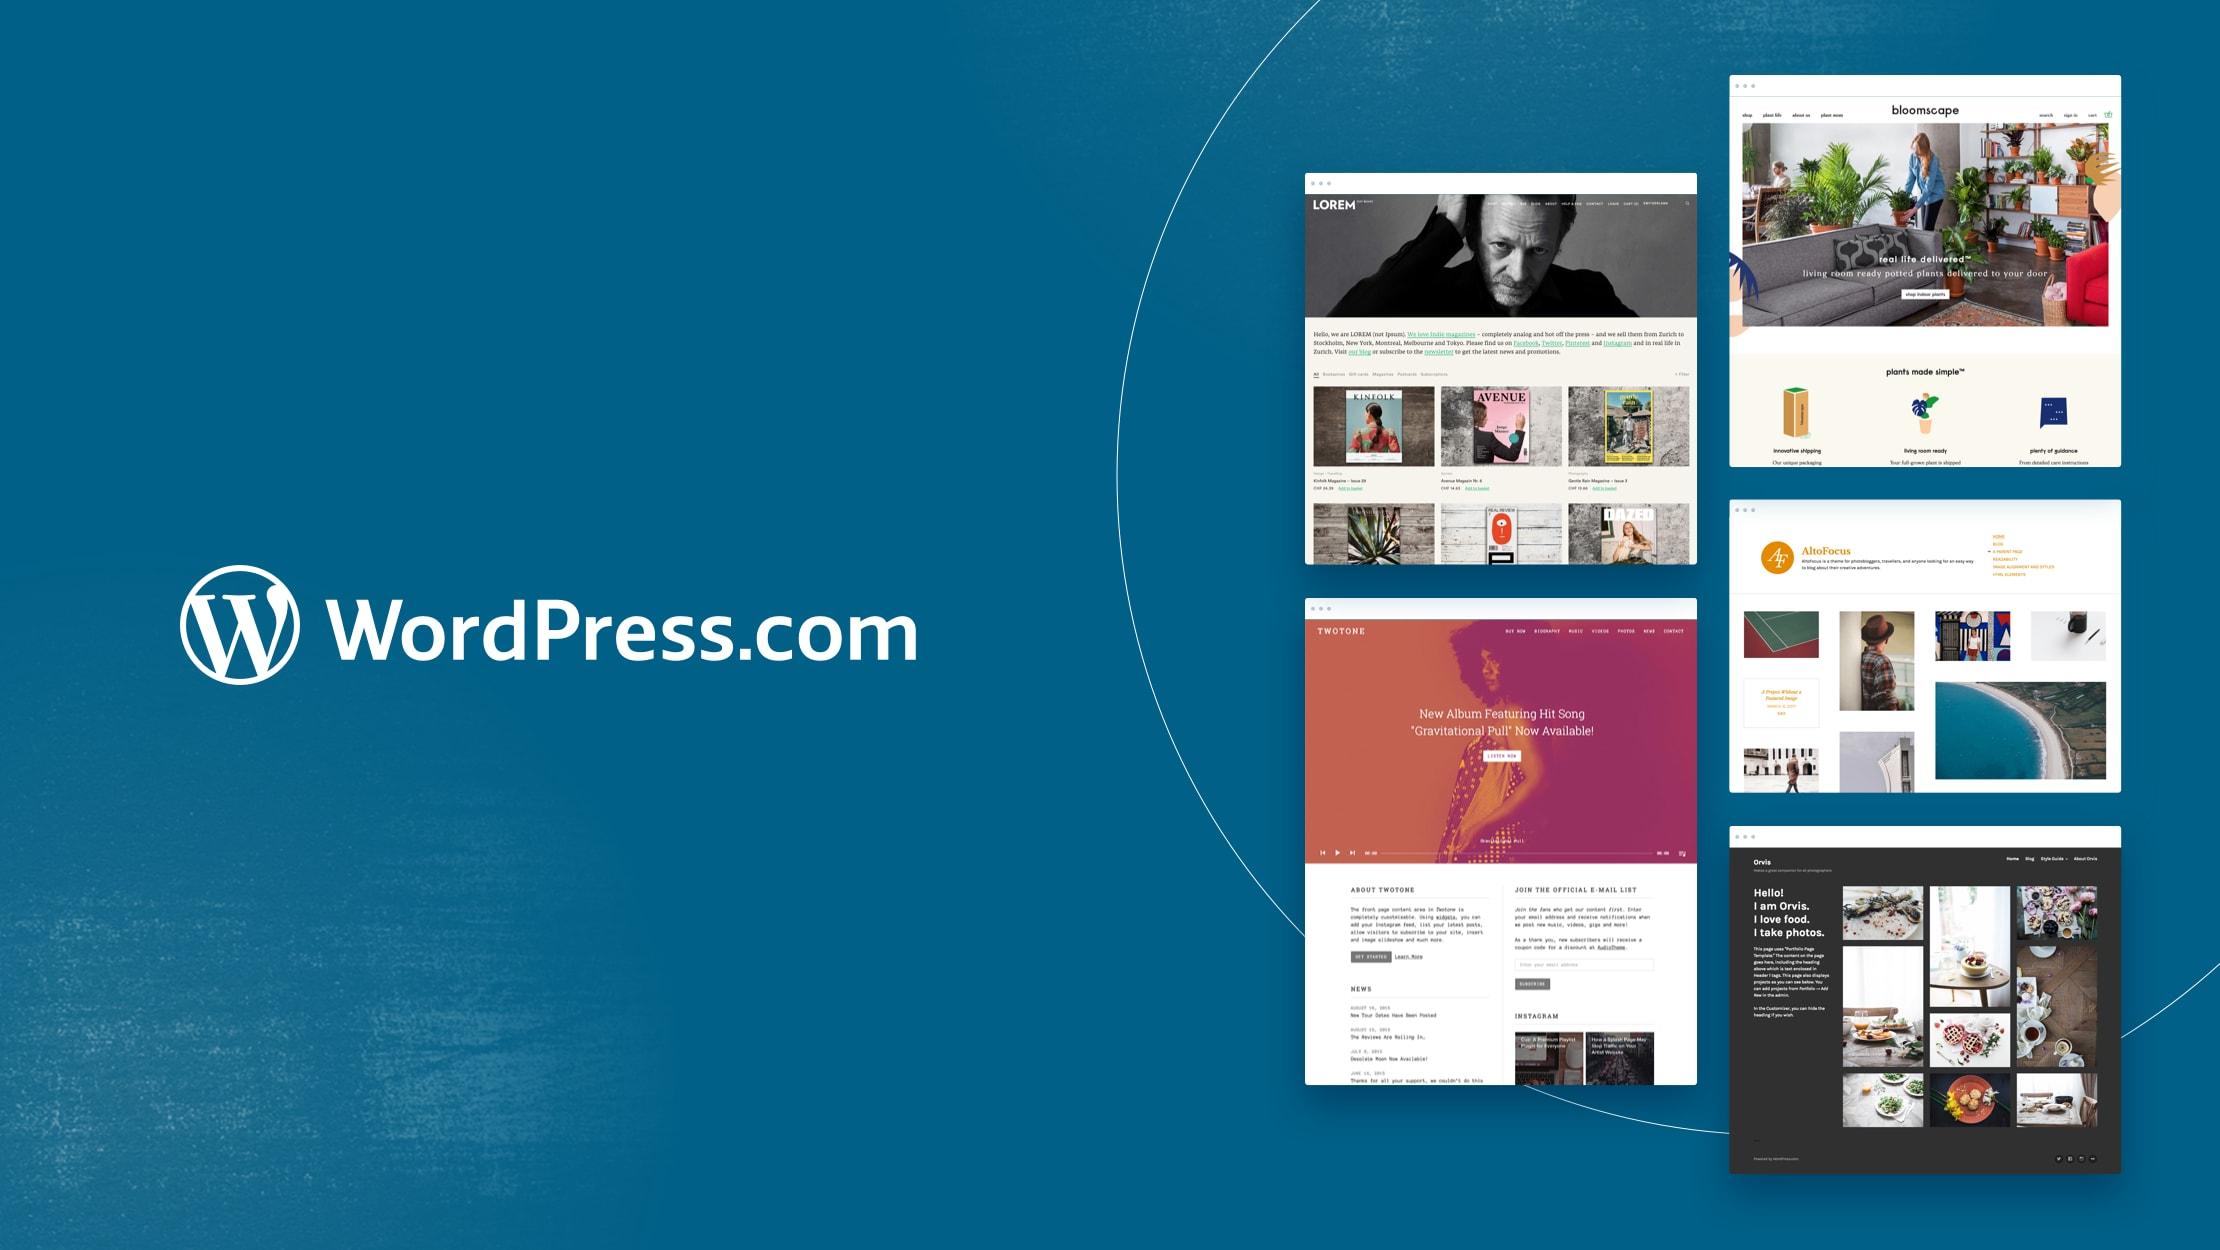 WordPress.com a pour mission de démocratiser la publication sur le web, site après site. La plateforme WordPress est la plateforme de publication en ligne la plus populaire : elle est utilisée dans plus de 36% du Web. Notre outil est une version hébergée du logiciel open source Wordpress. Il vous permet de créer un blog ou un site Web en quelques secondes, même si vous n'avez aucune connaissance technique. Au total, le réseau WordPress.com compte plus de 409 millions de personnes, consultant plus de 15,5 milliards de pages chaque mois. Nos utilisateurs publient chaque mois environ 41,7 millions de nouveaux messages et laissent 60,5 millions de nouveaux commentaires.